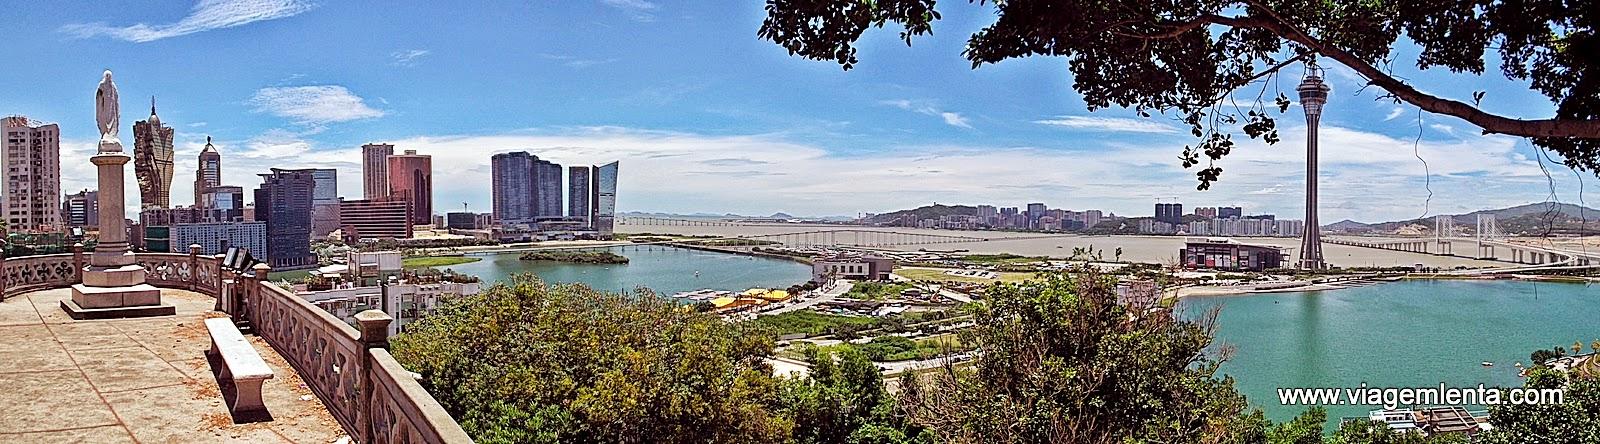 Relato da viagem à Hong Kong e Macau, experiências capitalistas chinesas exemplares. Passeios em Kowloon, ilha de Victoria, cassinos e Mount Fort.